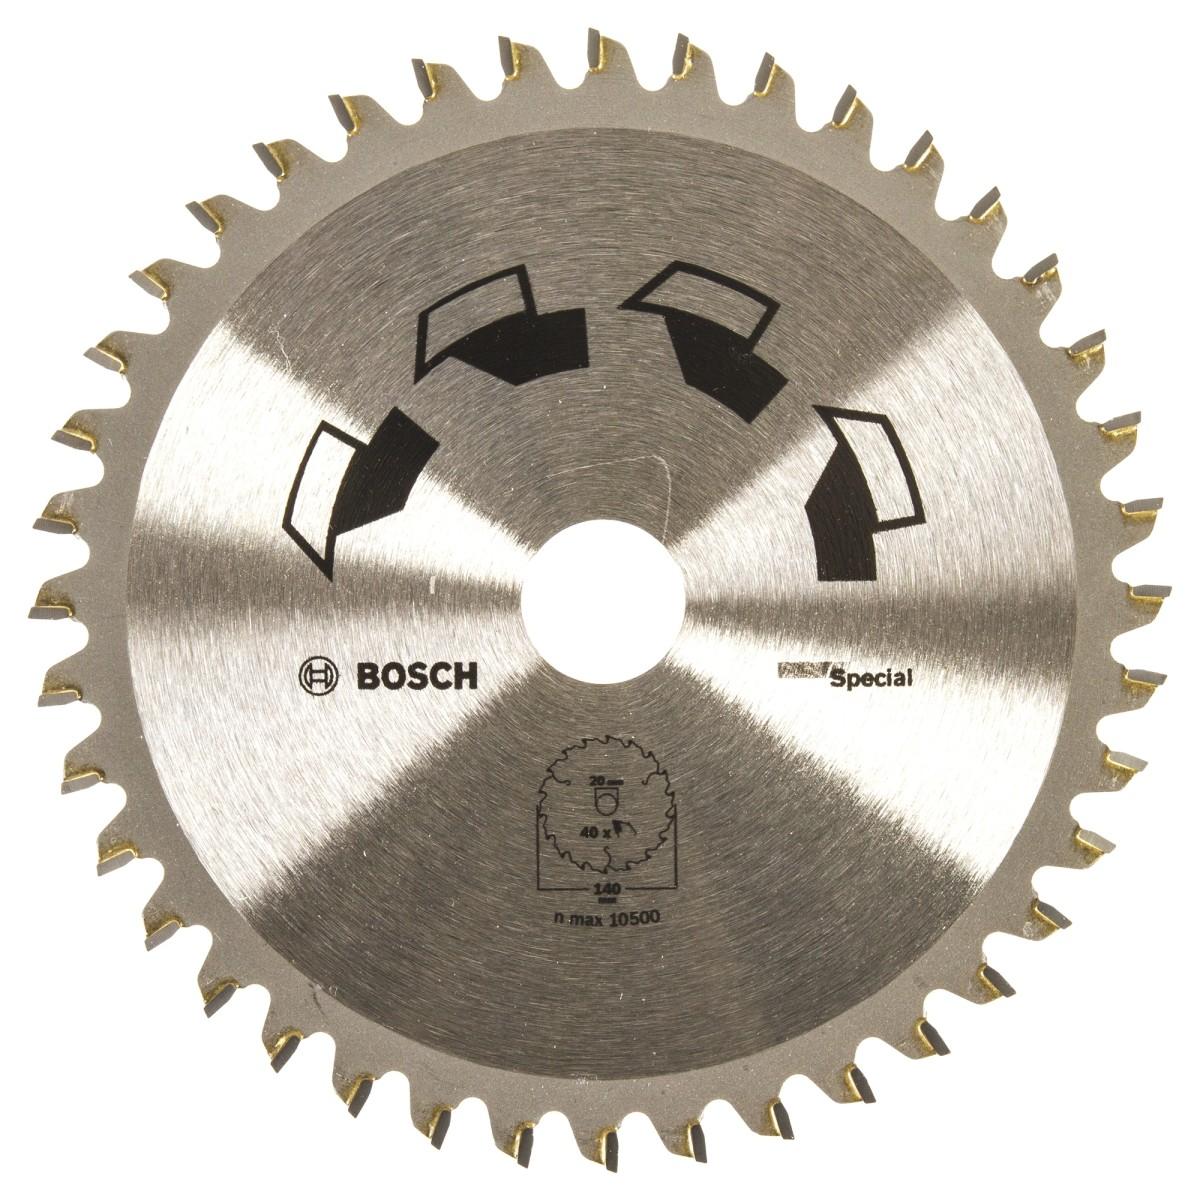 Диск пильный по дереву 140x20/12.7 мм Bosch Special 2609256885 40 Т